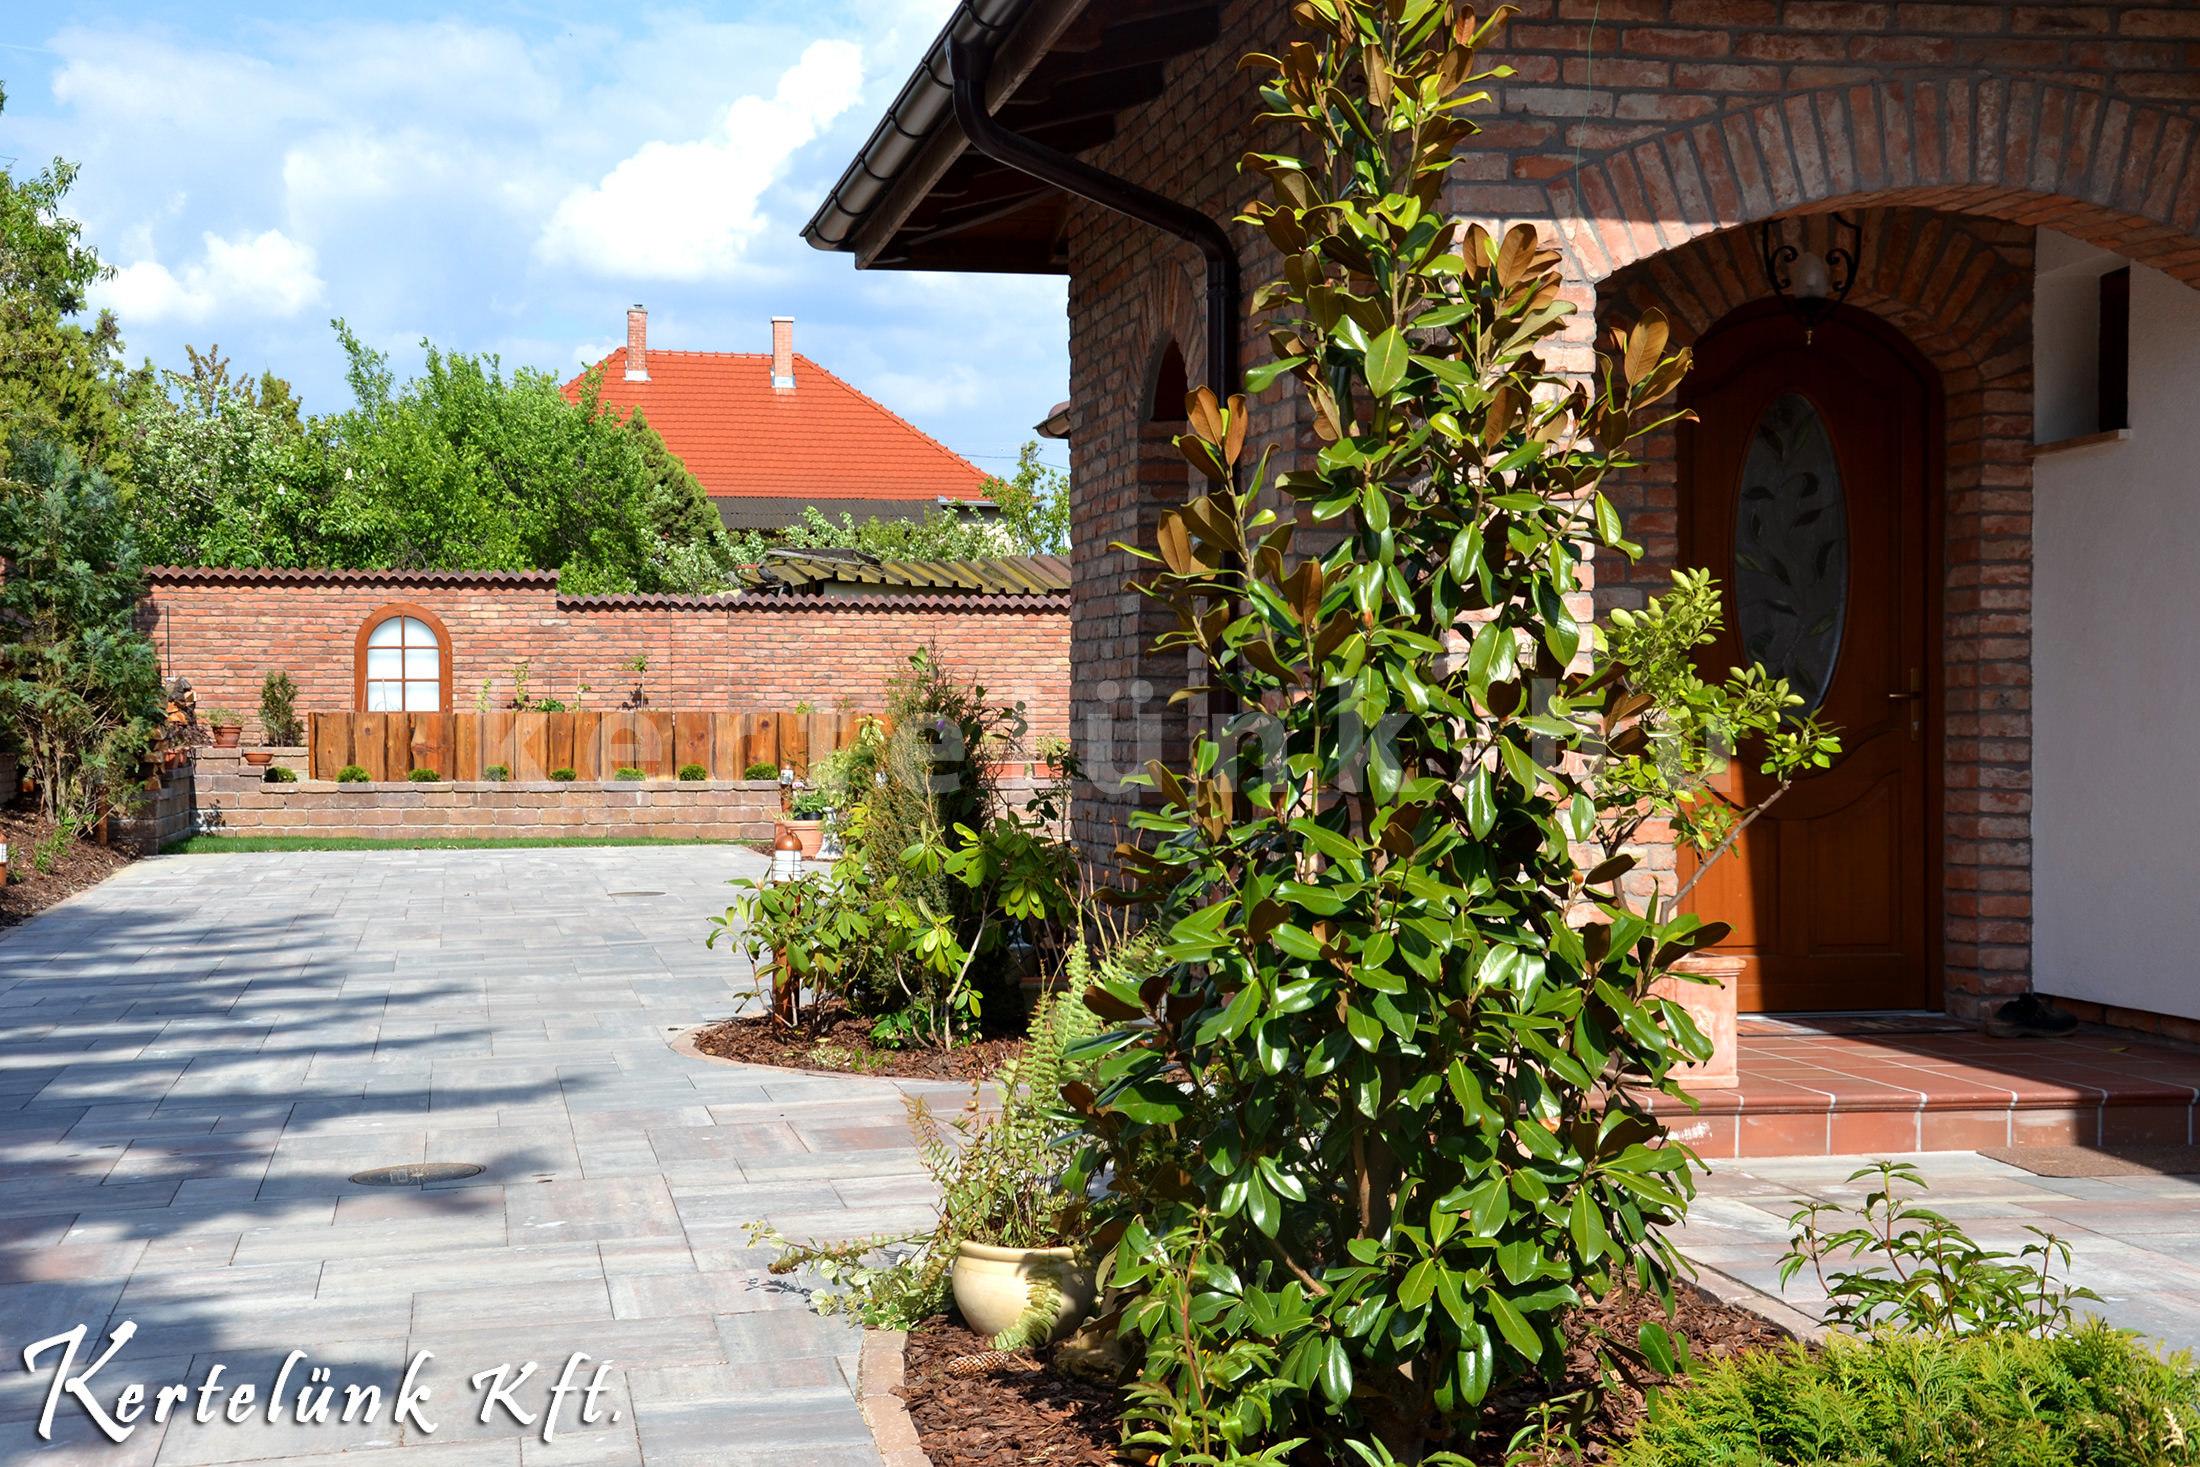 Örökzöld magólia fogadja a látogatót a mediterrán ház előkertjében.